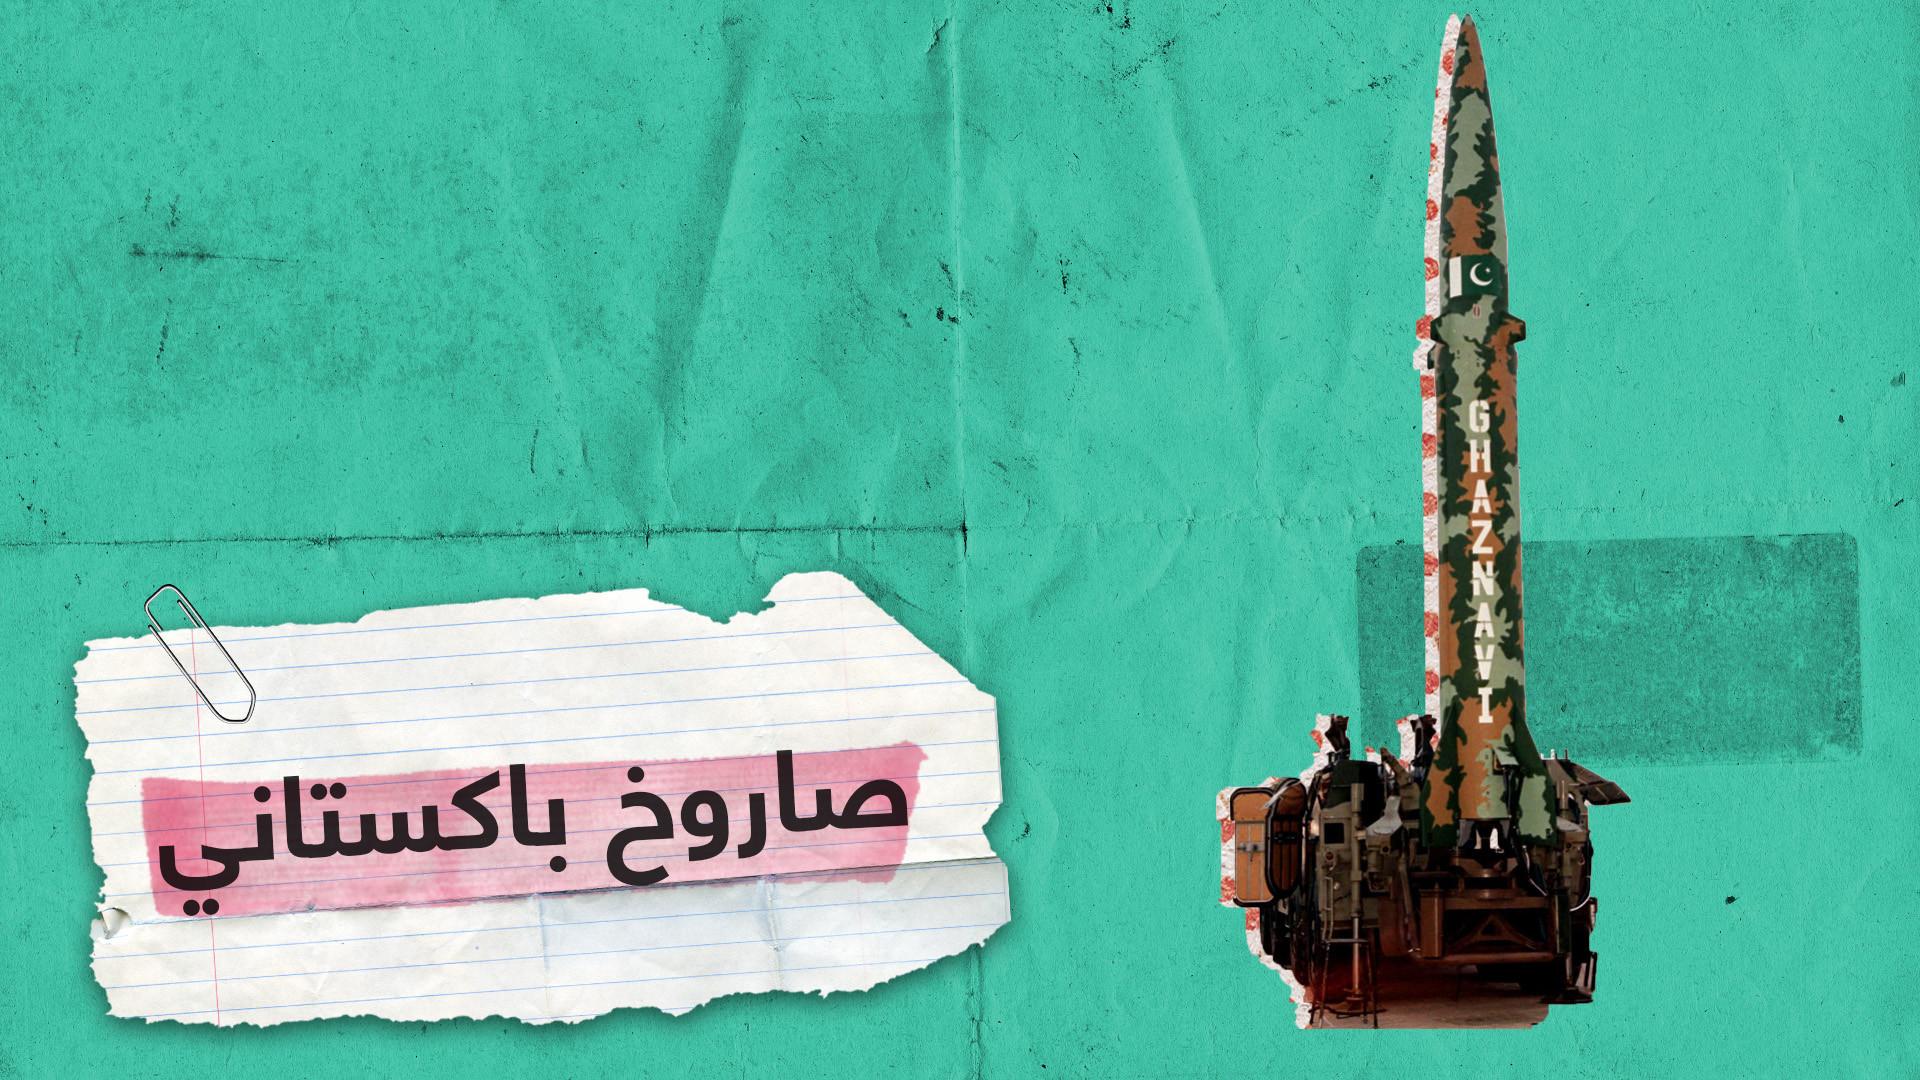 باكستان تختبر بنجاح صاروخا باليستيا نوويا